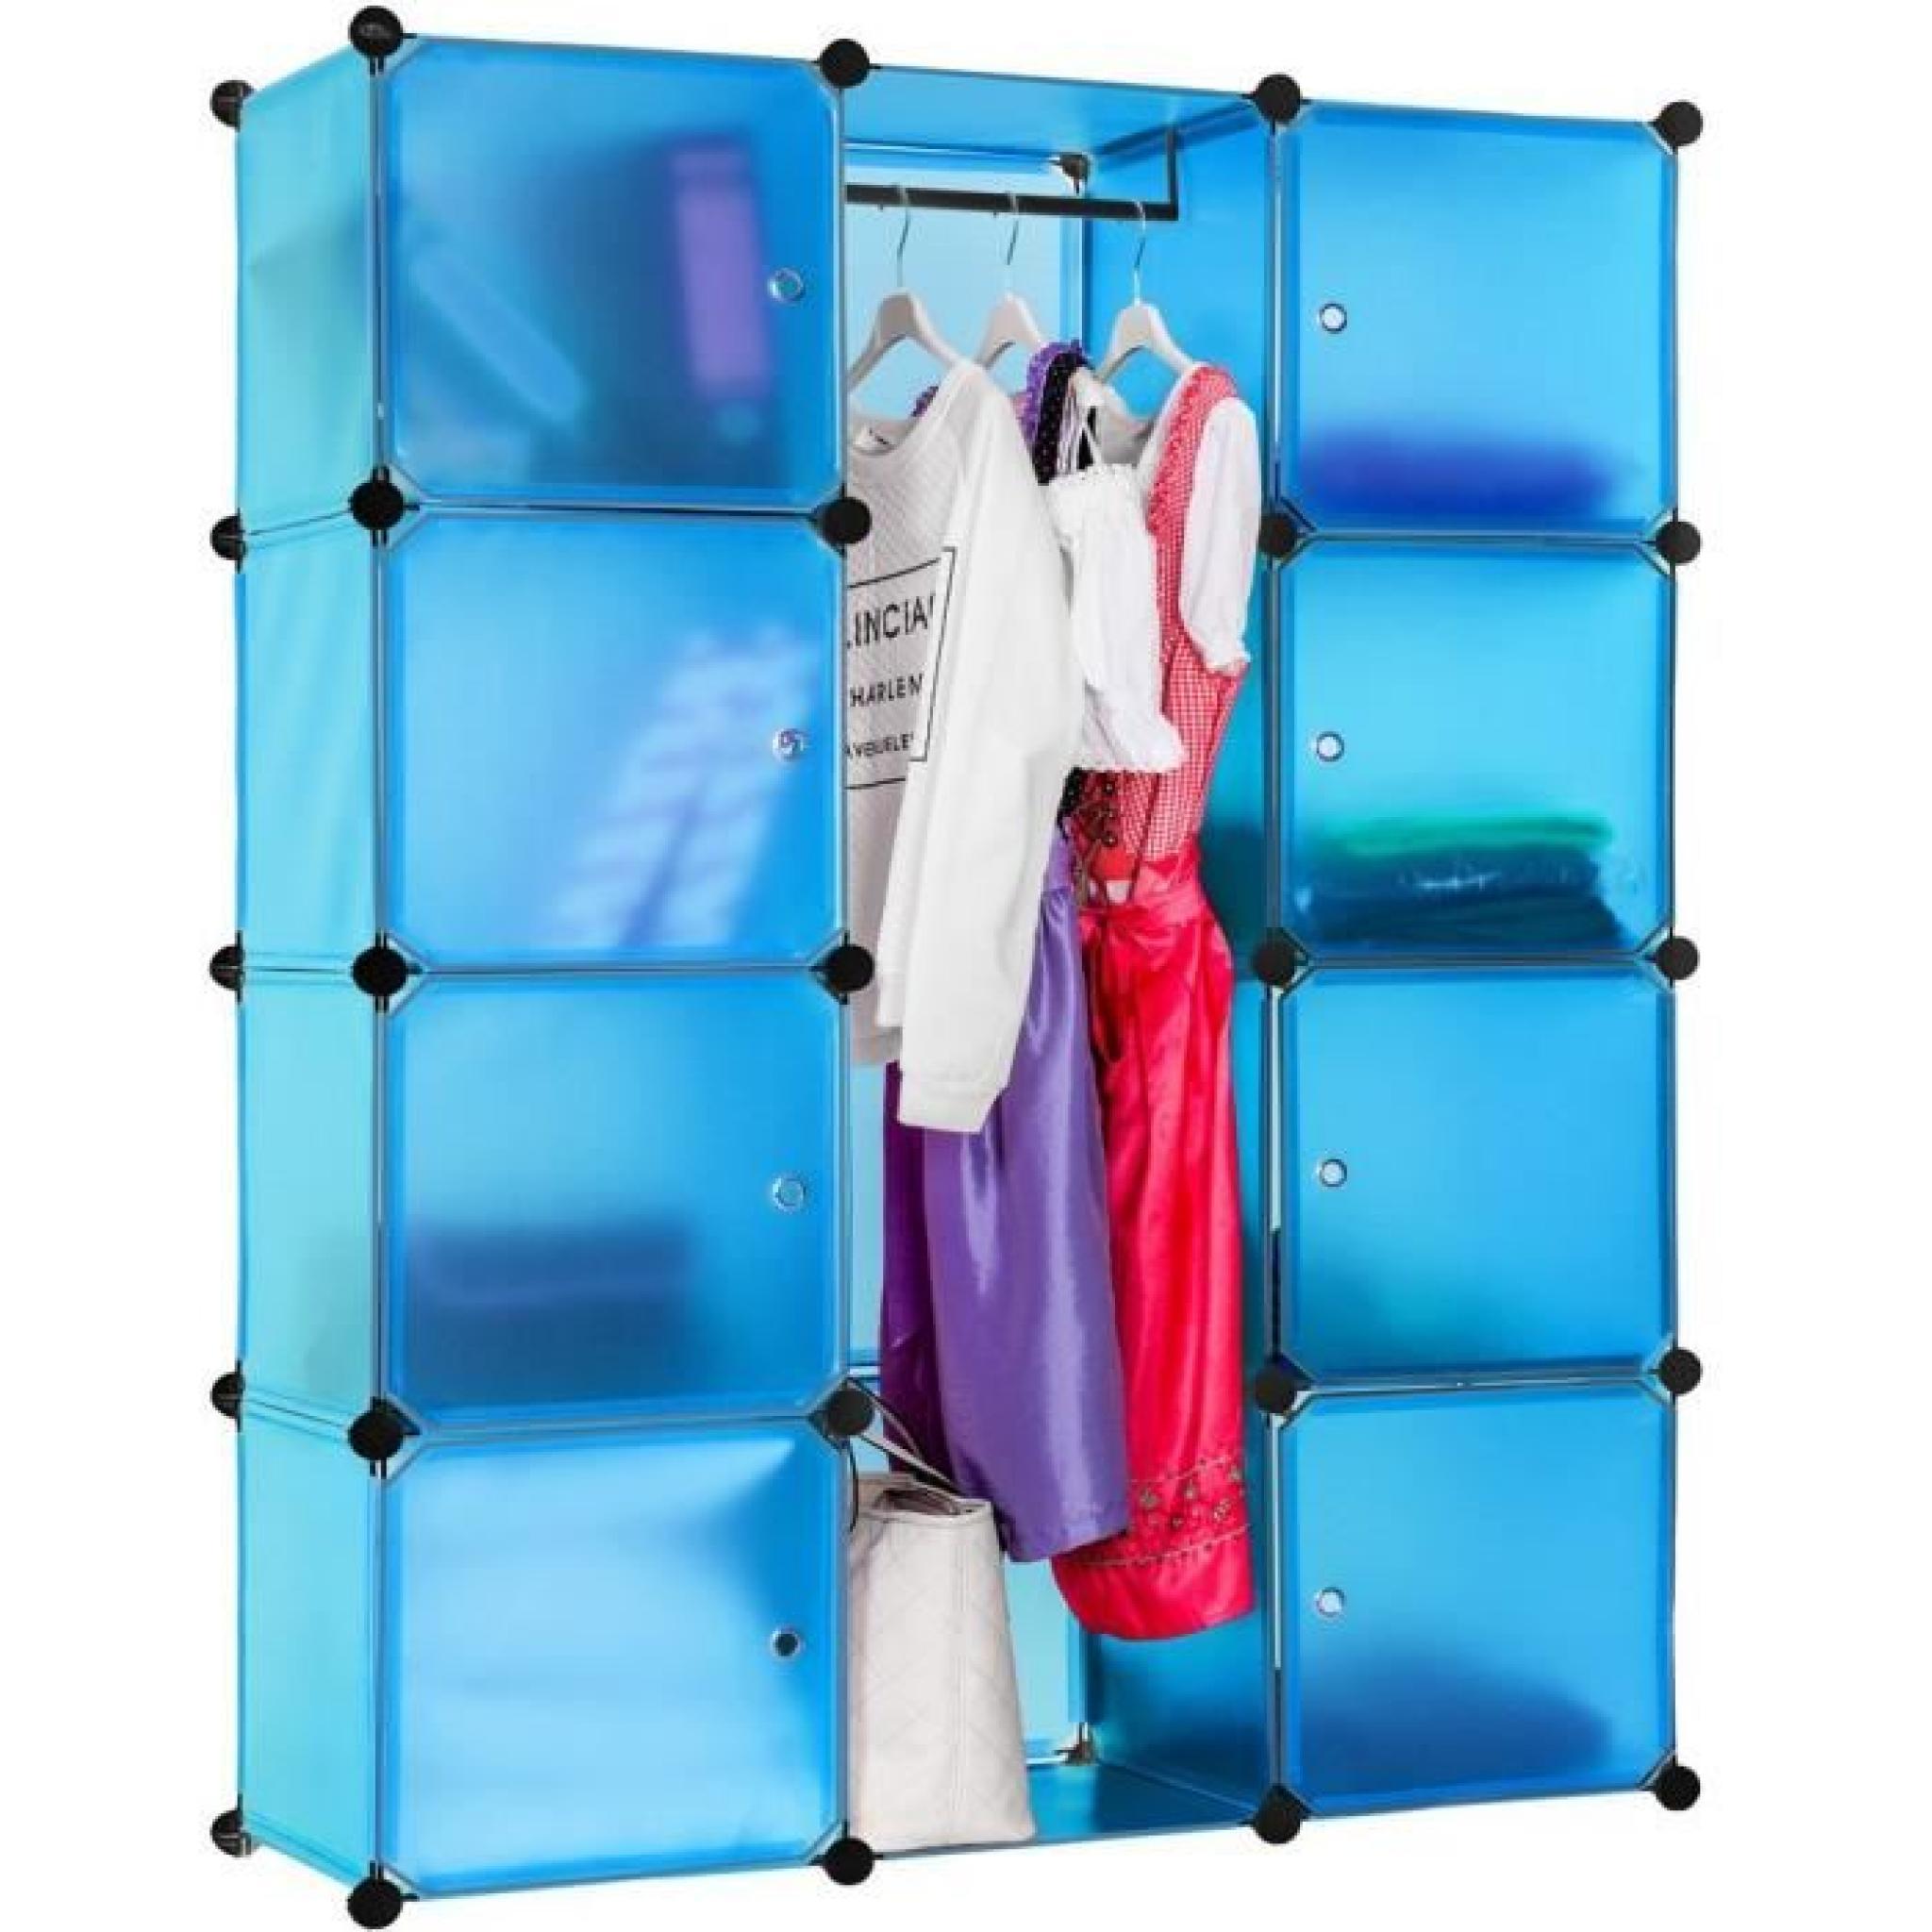 armoire penderie rangement dressing bleu achat vente dressing pas cher couleur et. Black Bedroom Furniture Sets. Home Design Ideas